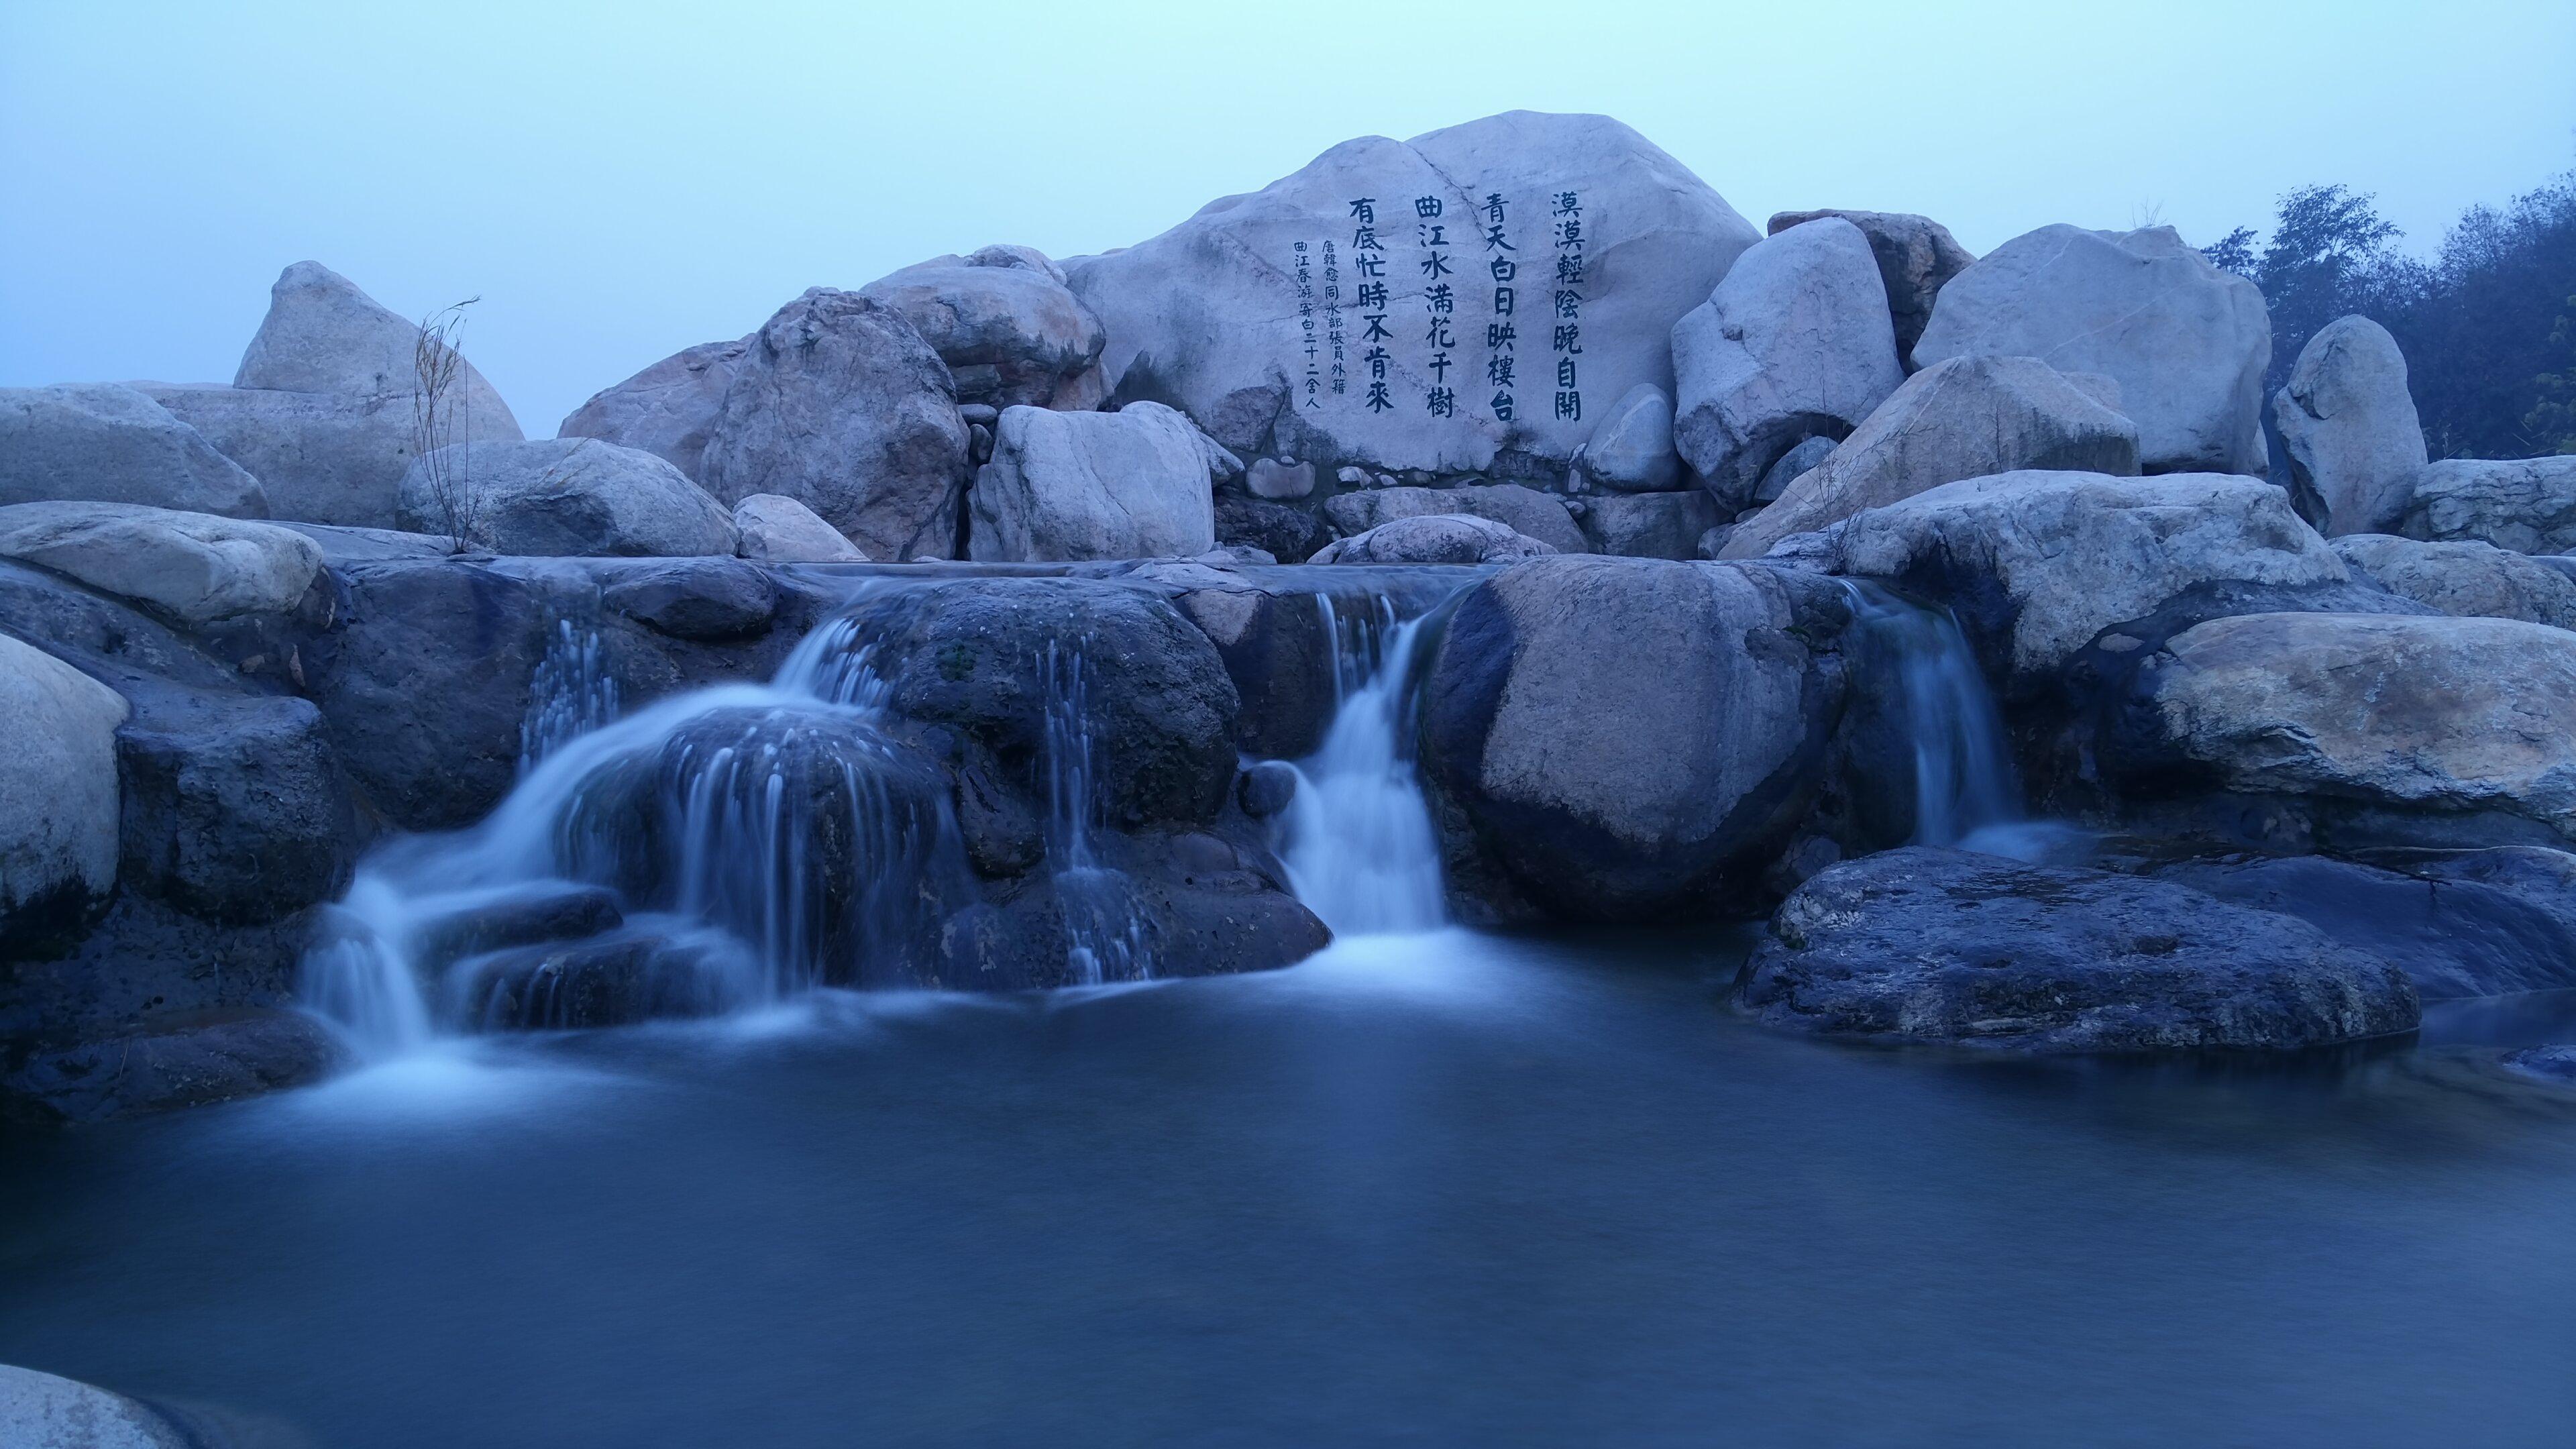 曲江池的夜景很有古风古韵但又不失繁华 小桥流水亭台楼阁 夜灯初上